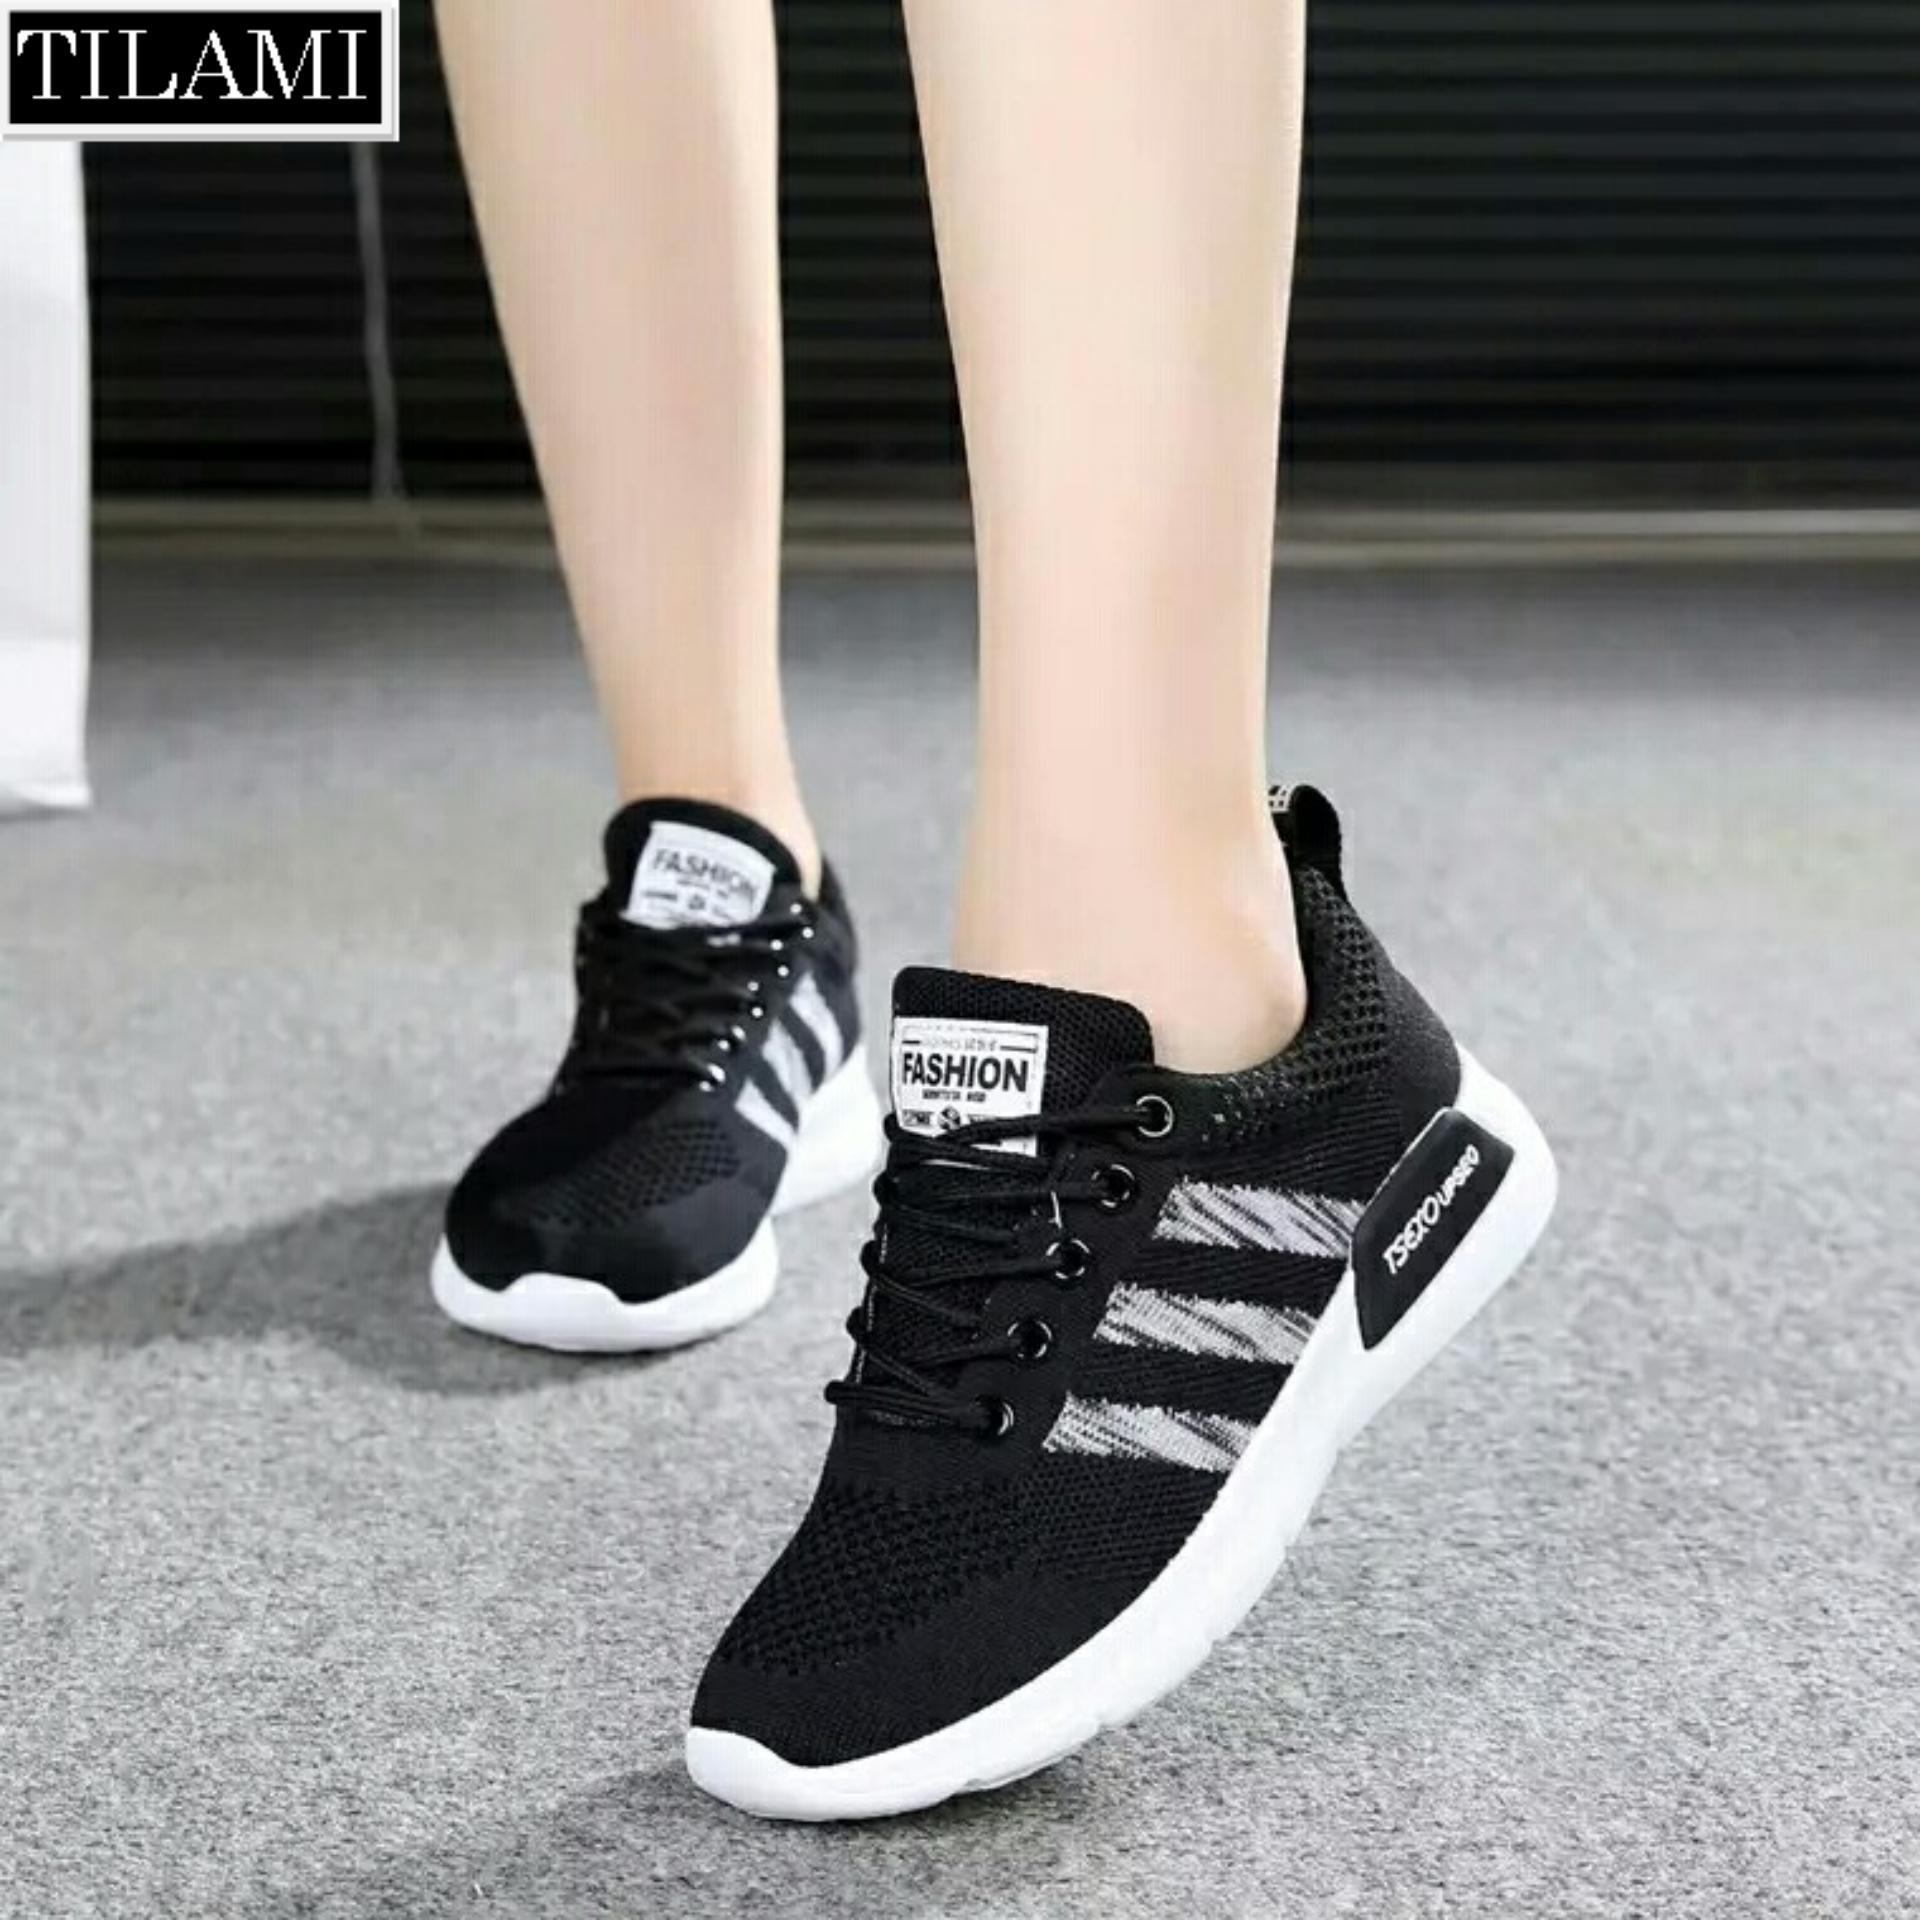 Giày Sneaker nữ sọc chéo Tilami – 3SC01 (đen, đen sọc đỏ)